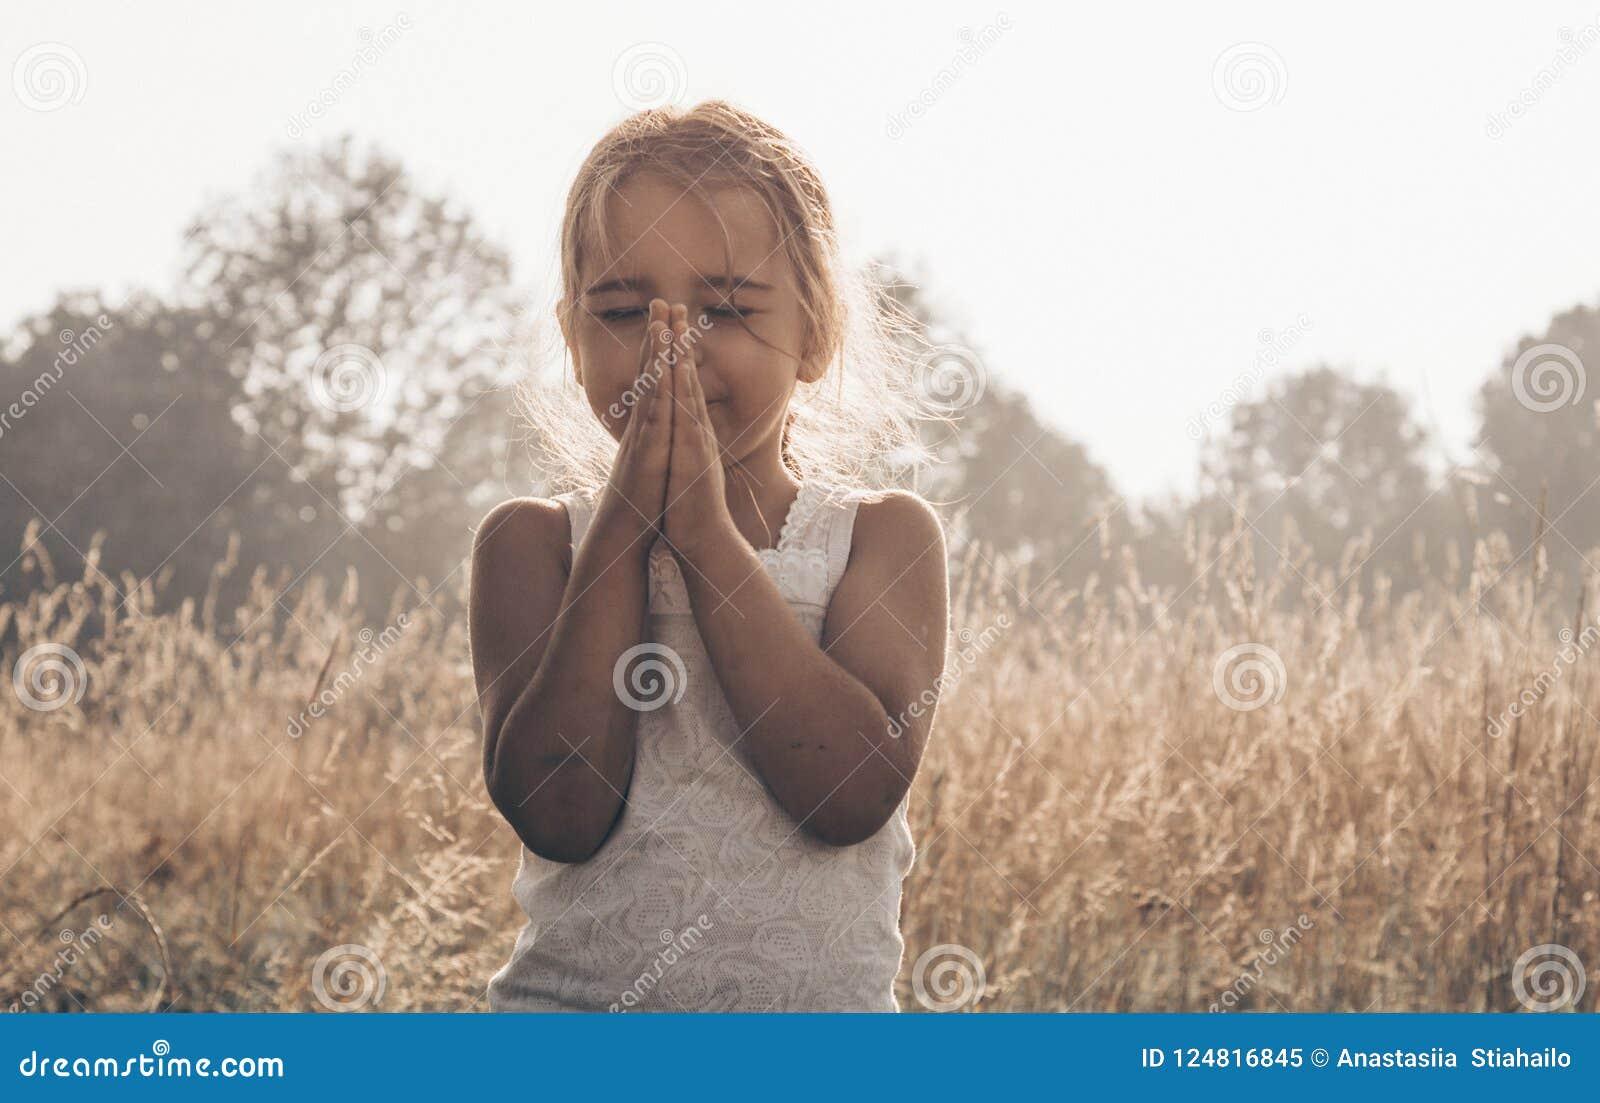 Het meisje sloot haar ogen biddend bij zonsondergang Handen in gebedconcept worden gevouwen voor geloof, spiritualiteit en godsdi